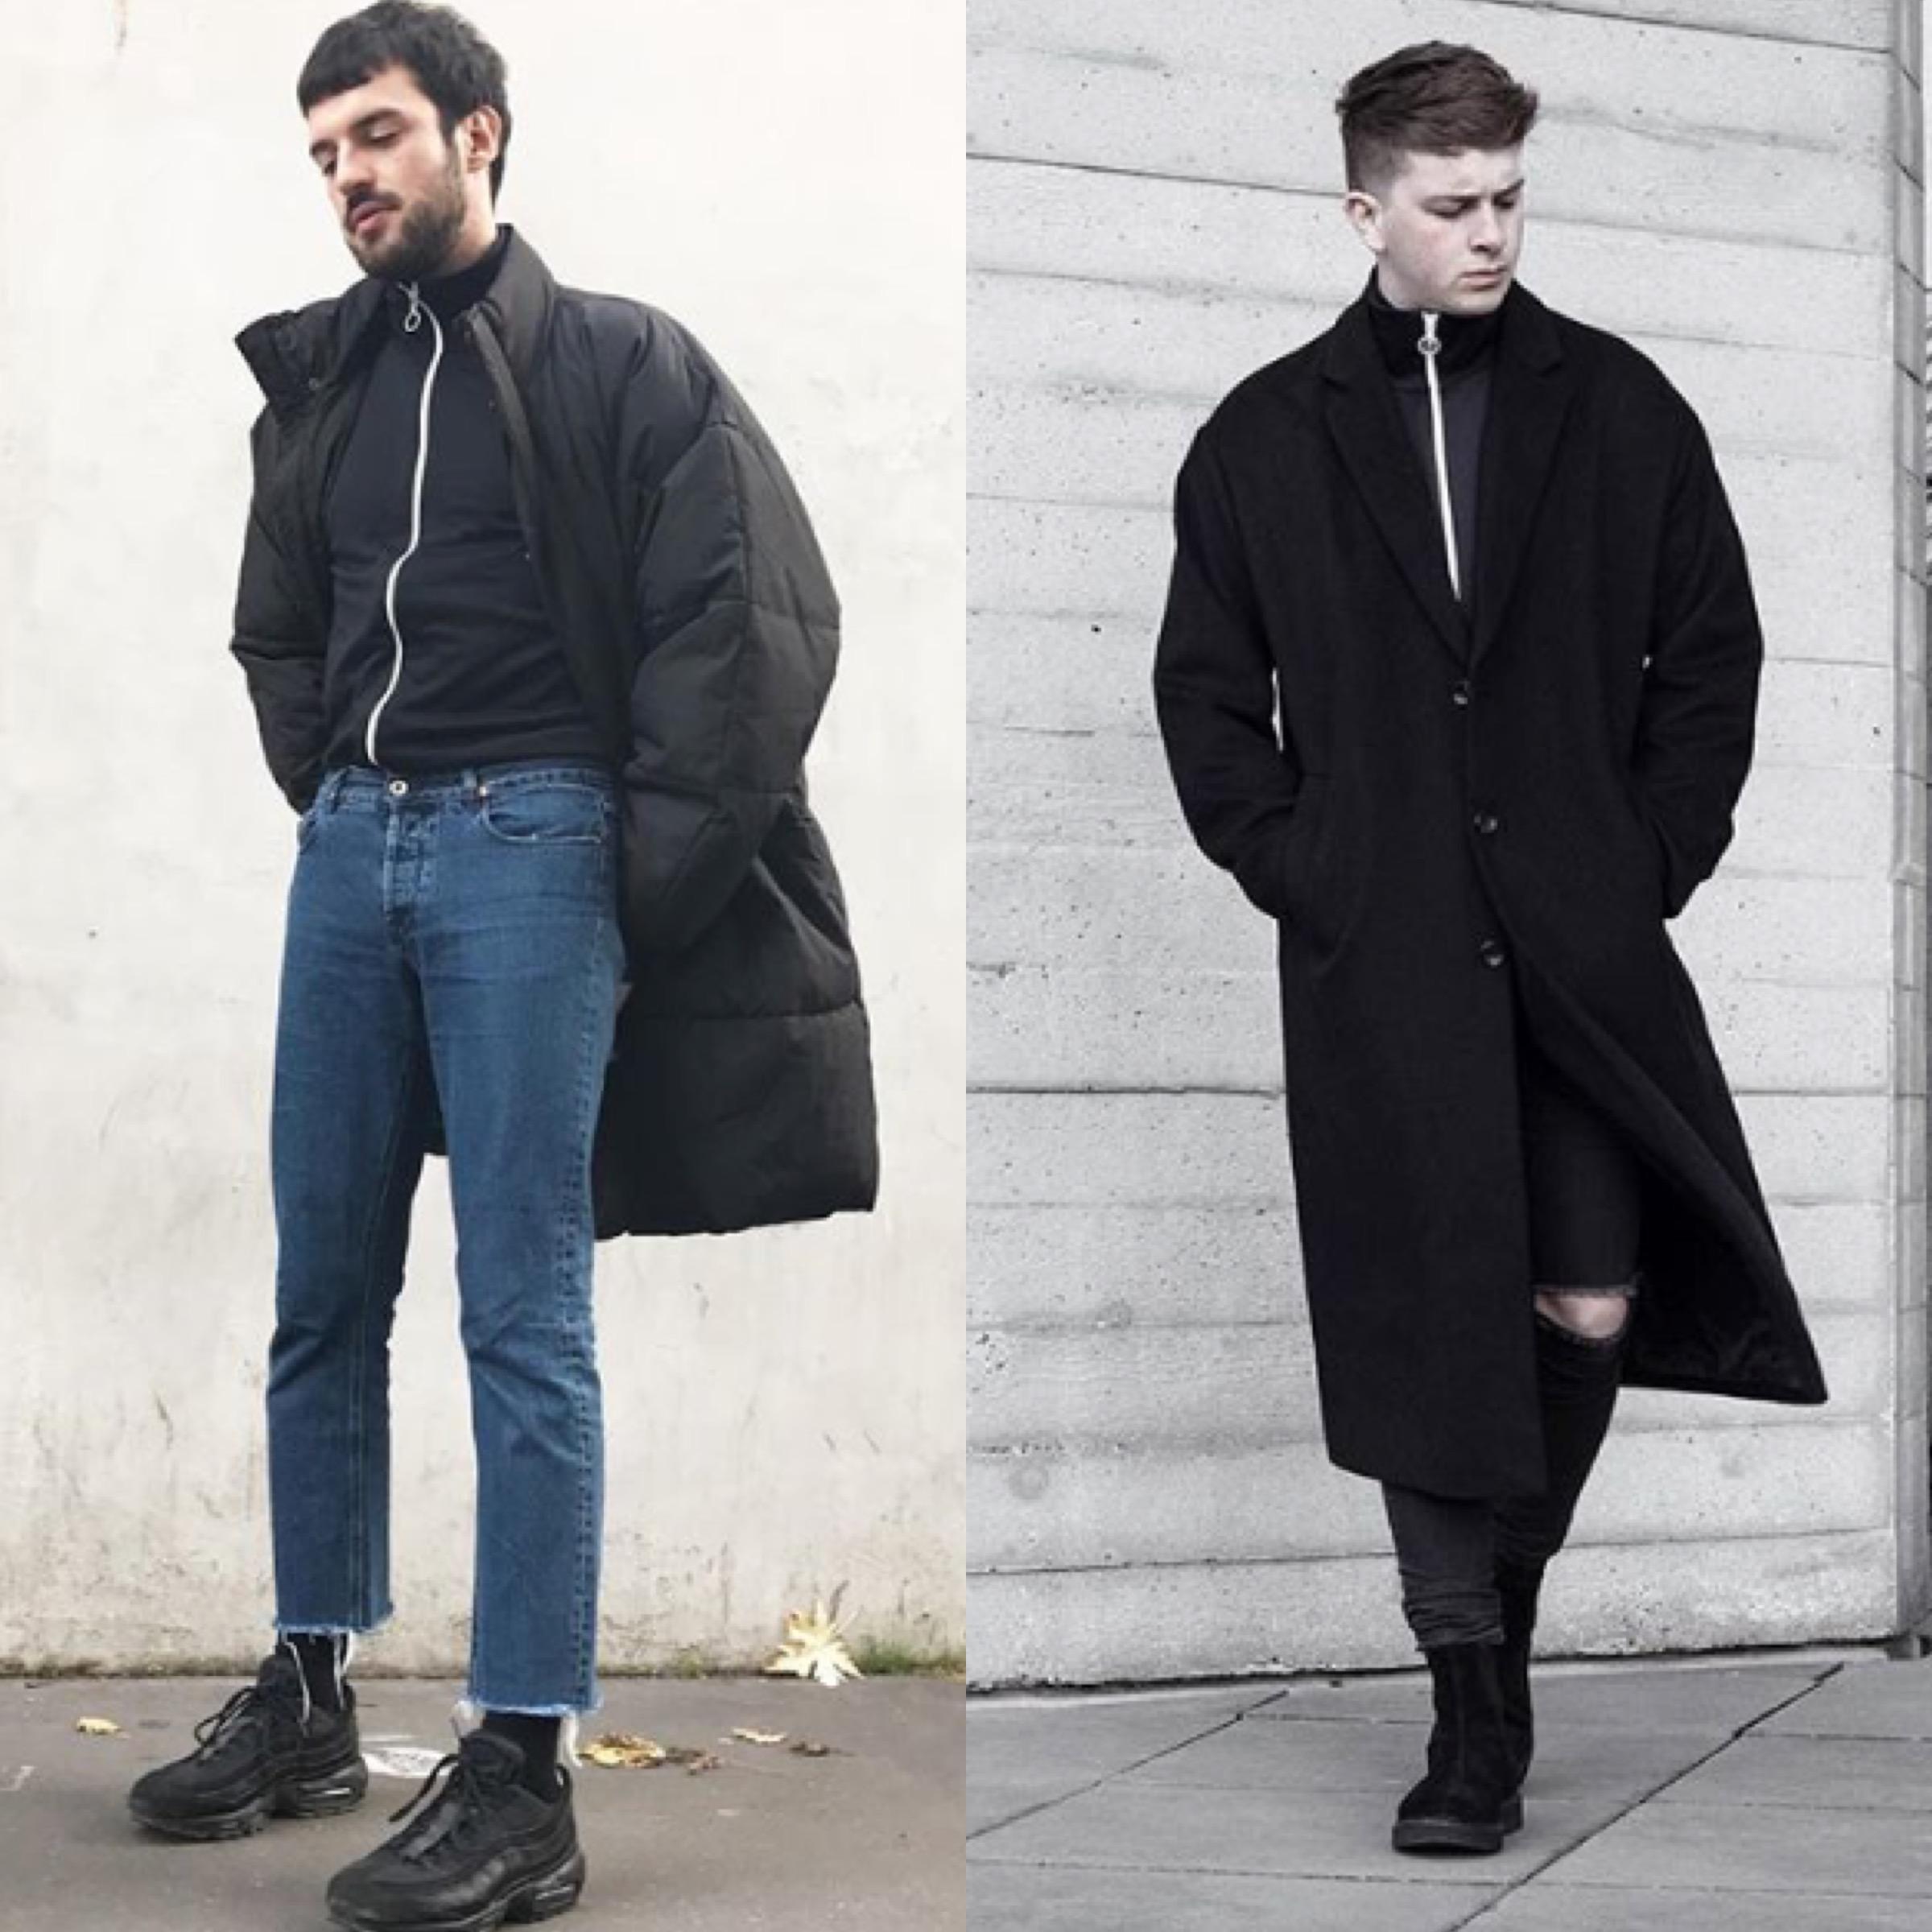 PAUSE Picks: Top 10 Zip Sweatshirts/Fleece Jackets